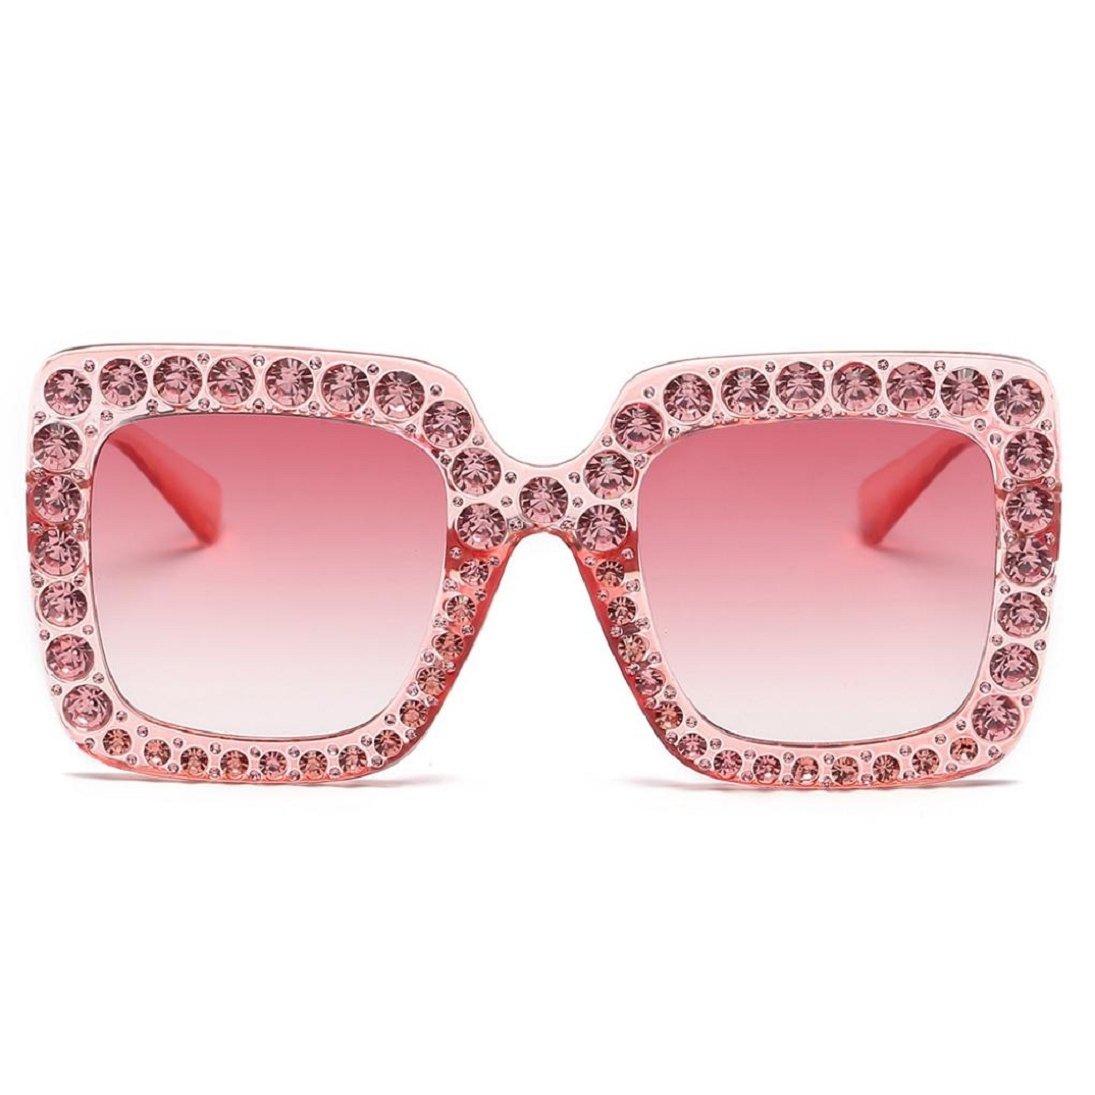 Amazon.com: Fheaven - Gafas de sol clásicas para mujer con ...